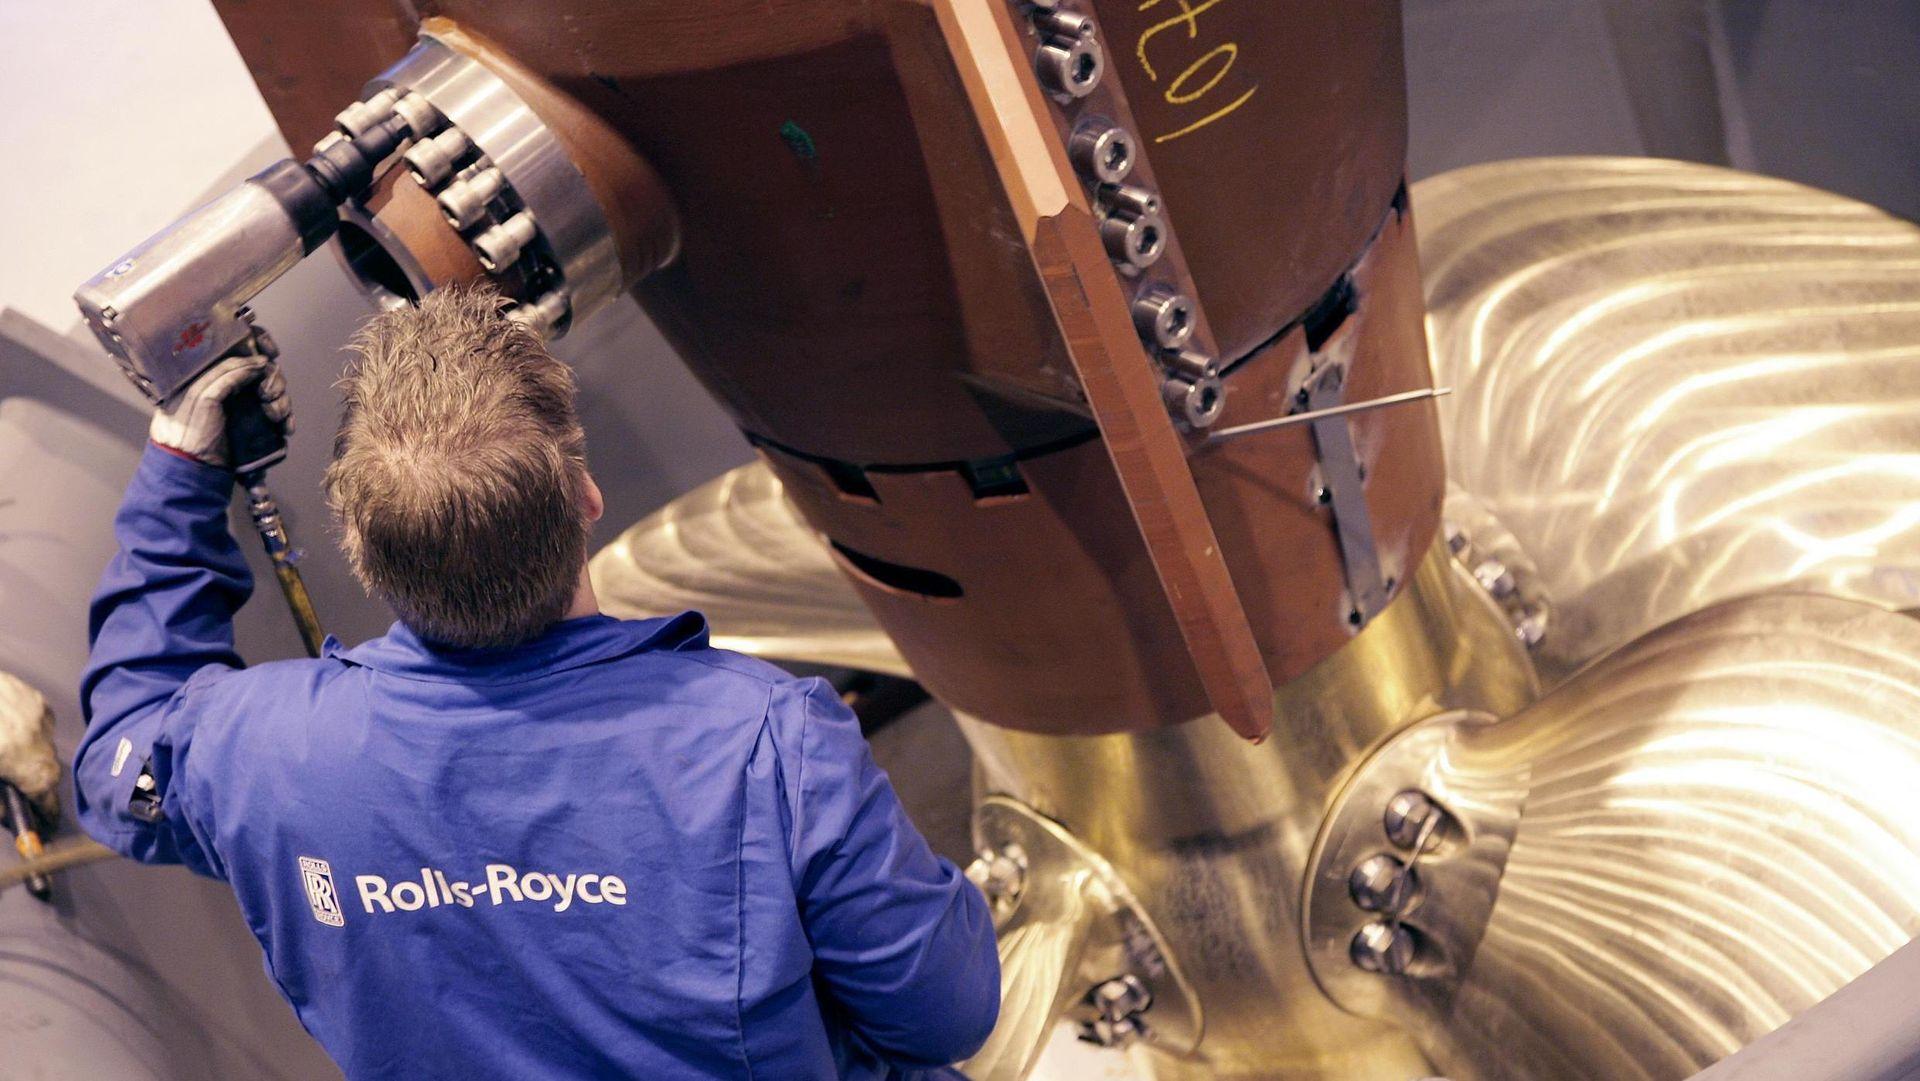 ANNONSE: Slik kuttet Rolls-Royce papirarbeidet på dokumentasjon